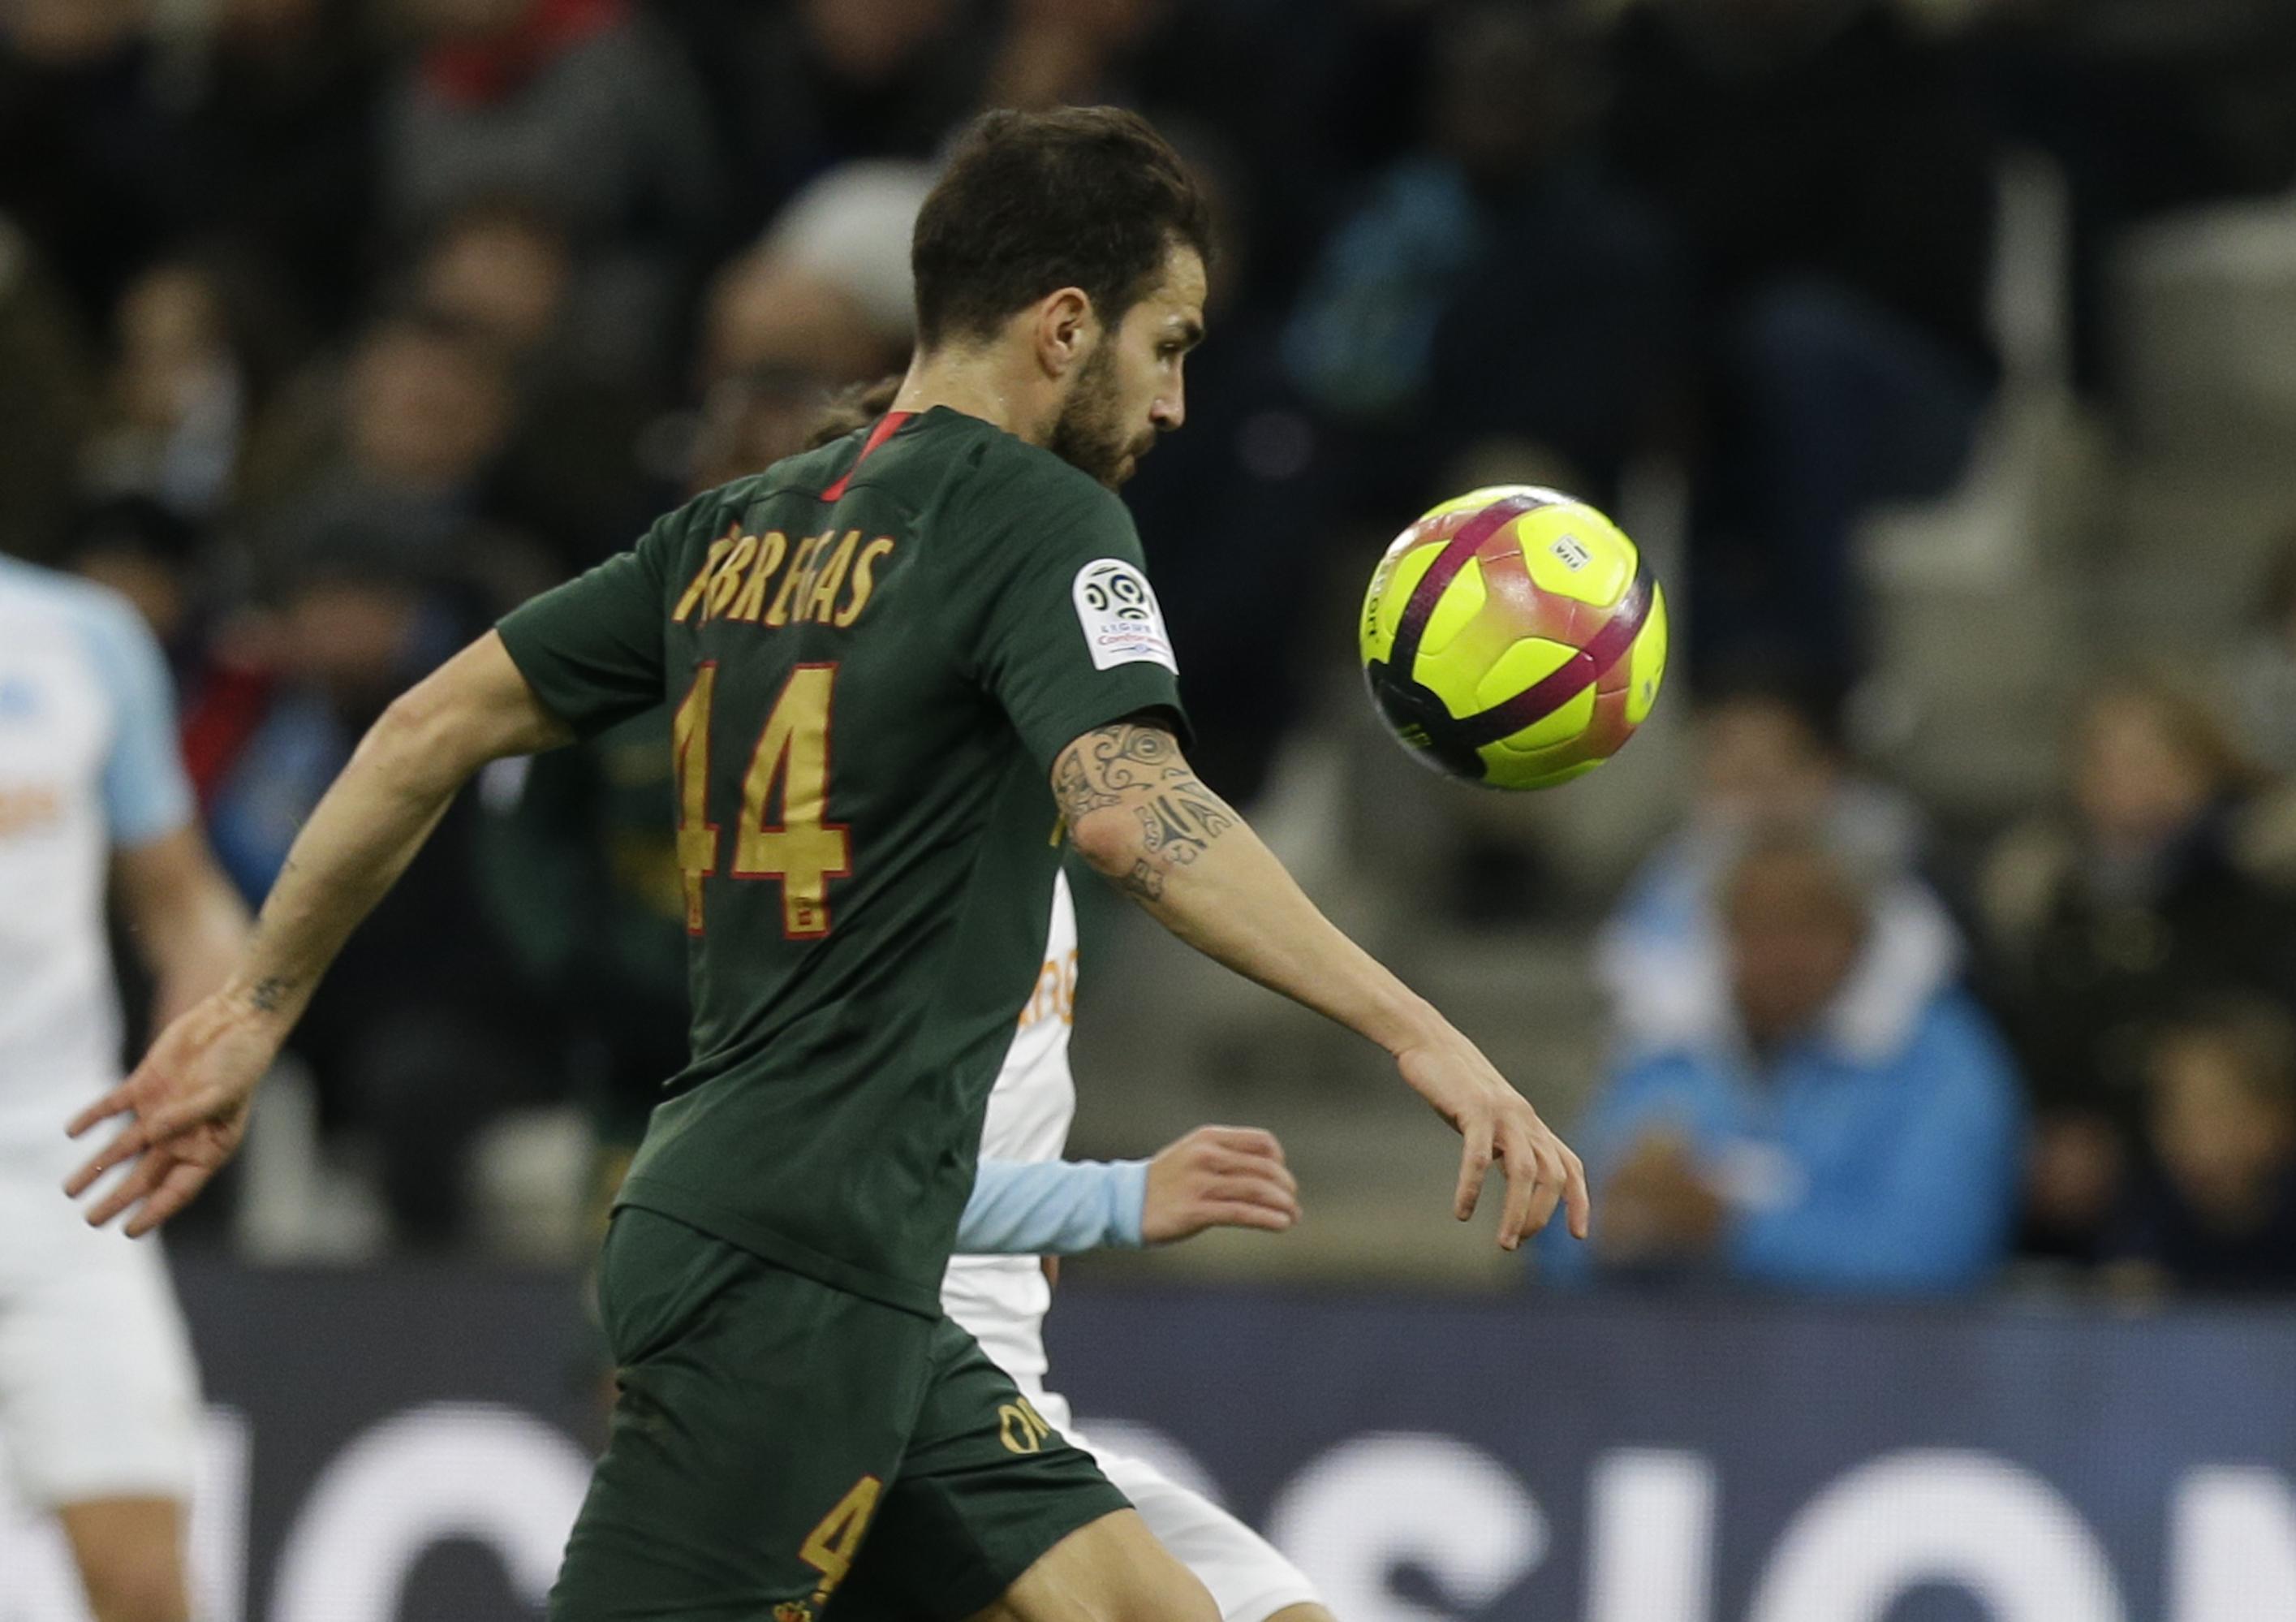 Da Silva involved at both ends as Rennes wins 1-0 at Nantes